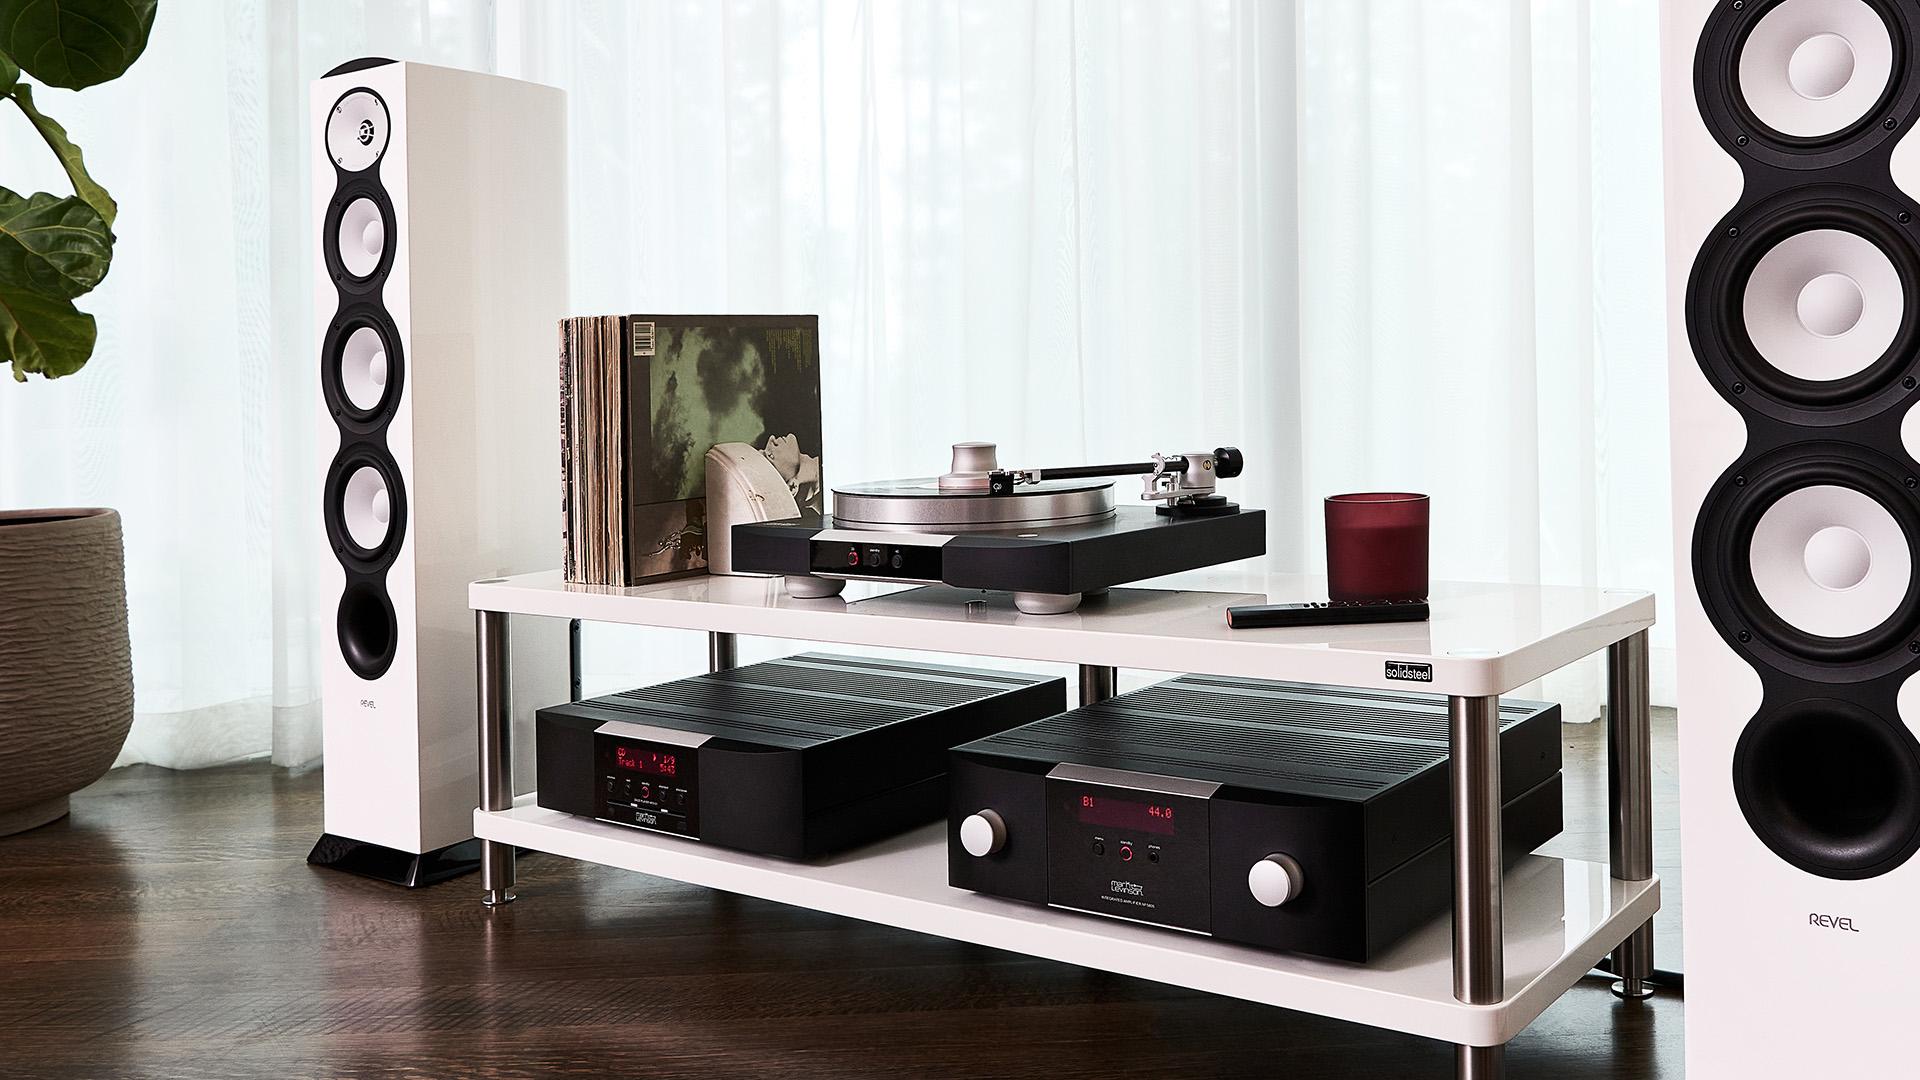 Подключи и слушай: проигрыватель виниловых дисков Mark Levinson № 5105